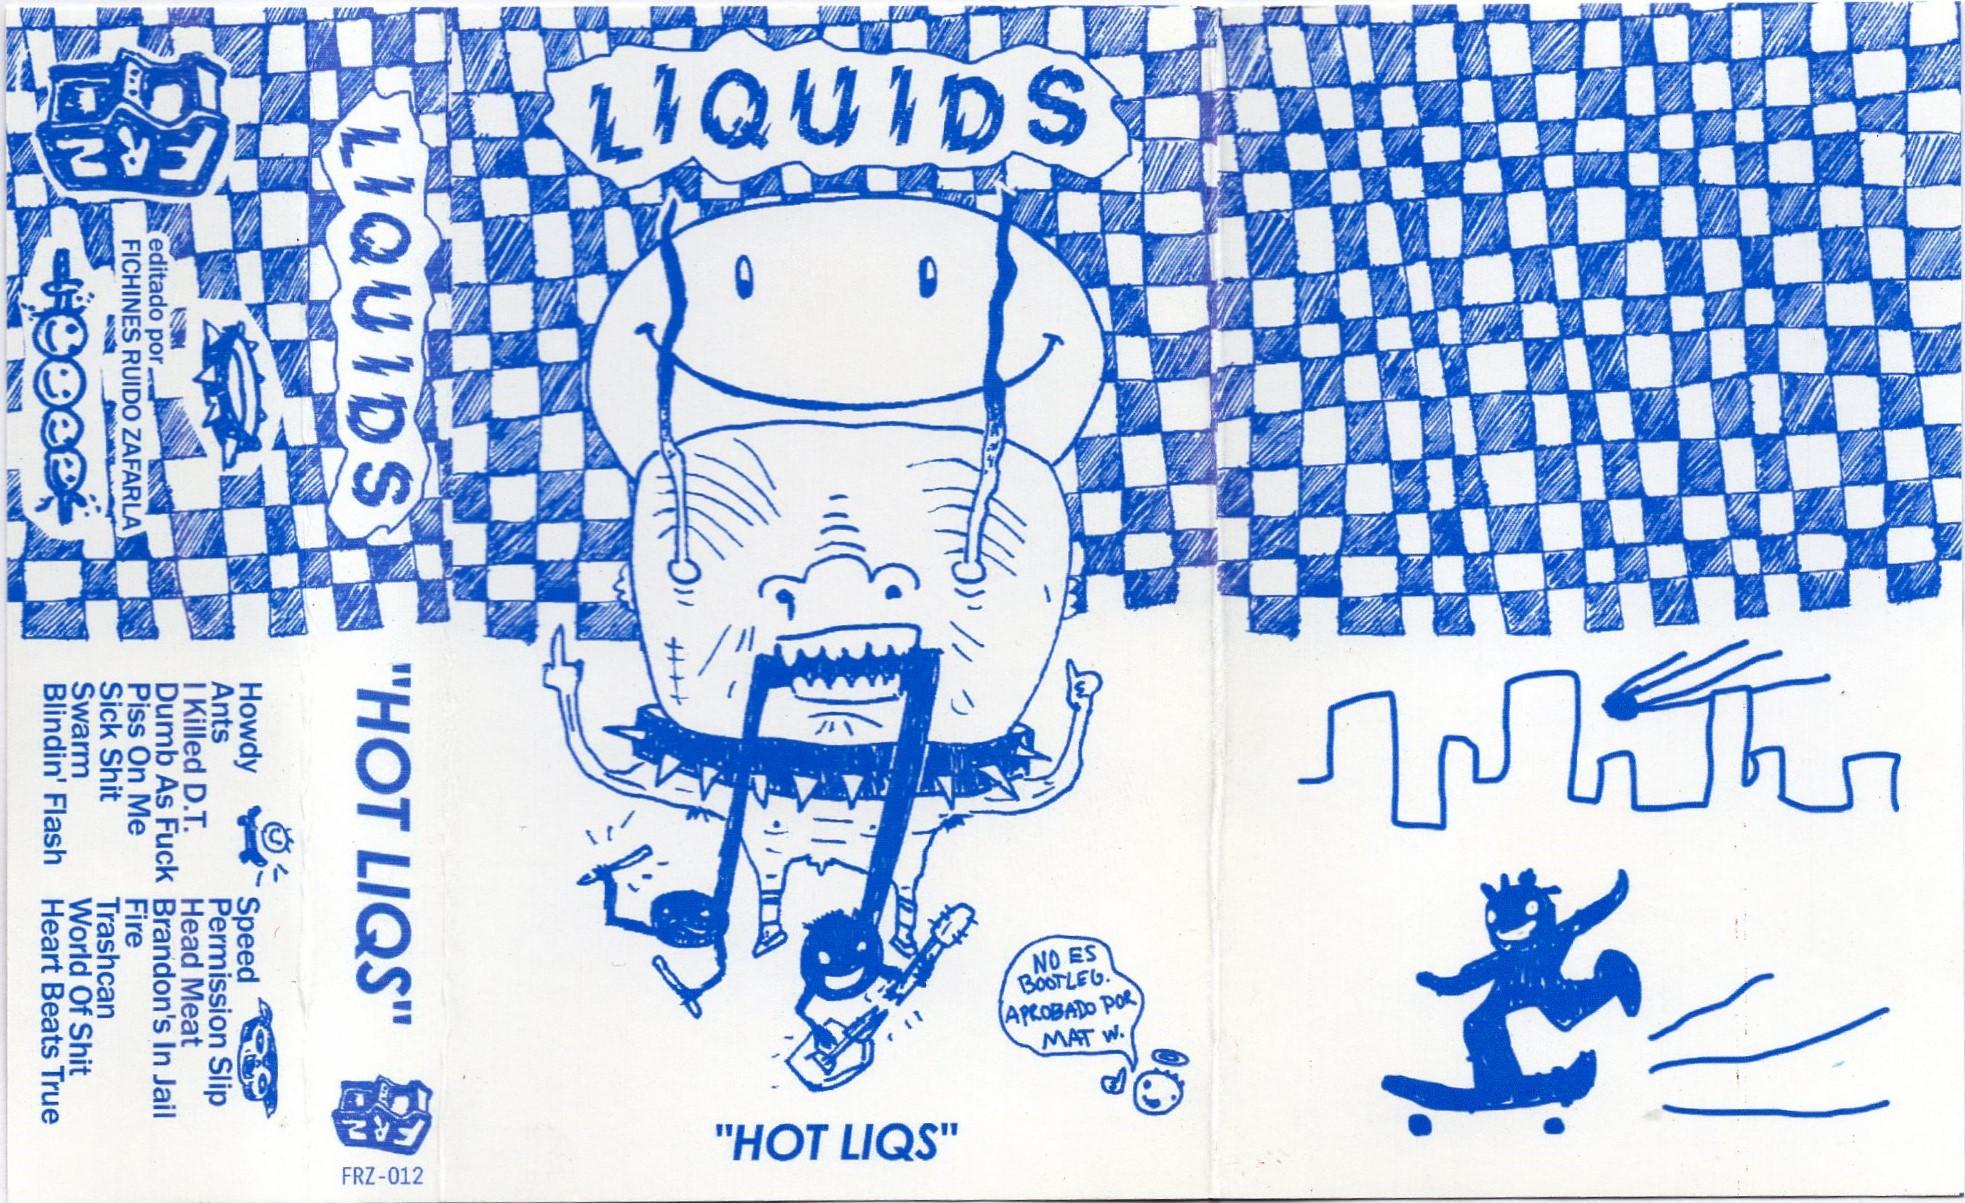 liquids inlet front.jpg